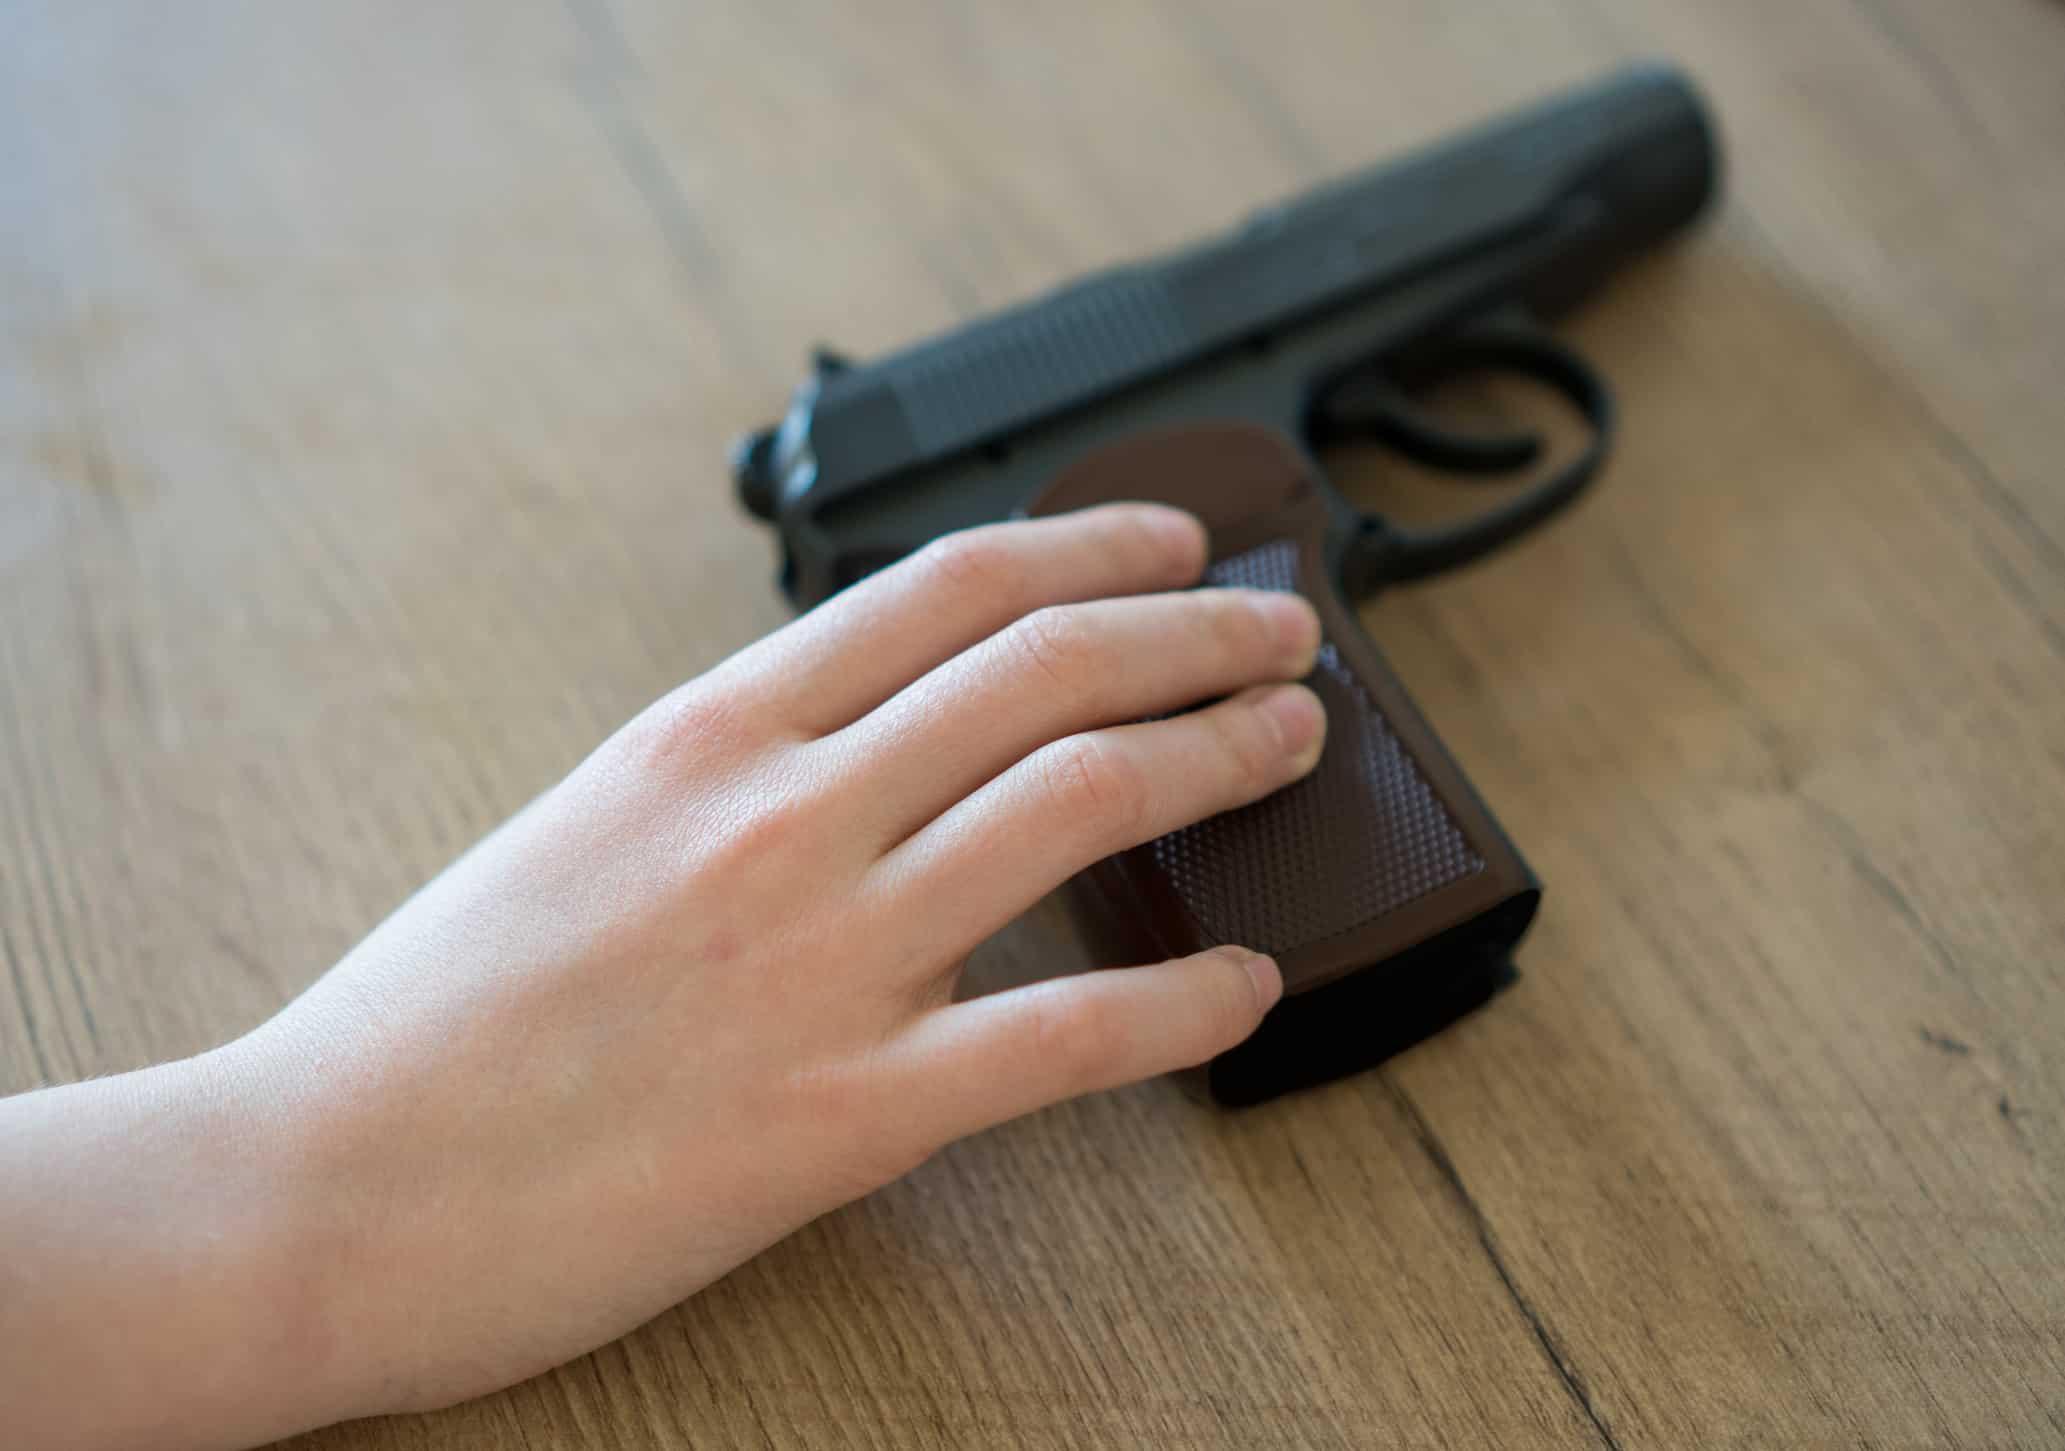 Niño de 6 años con pistola en el colegio